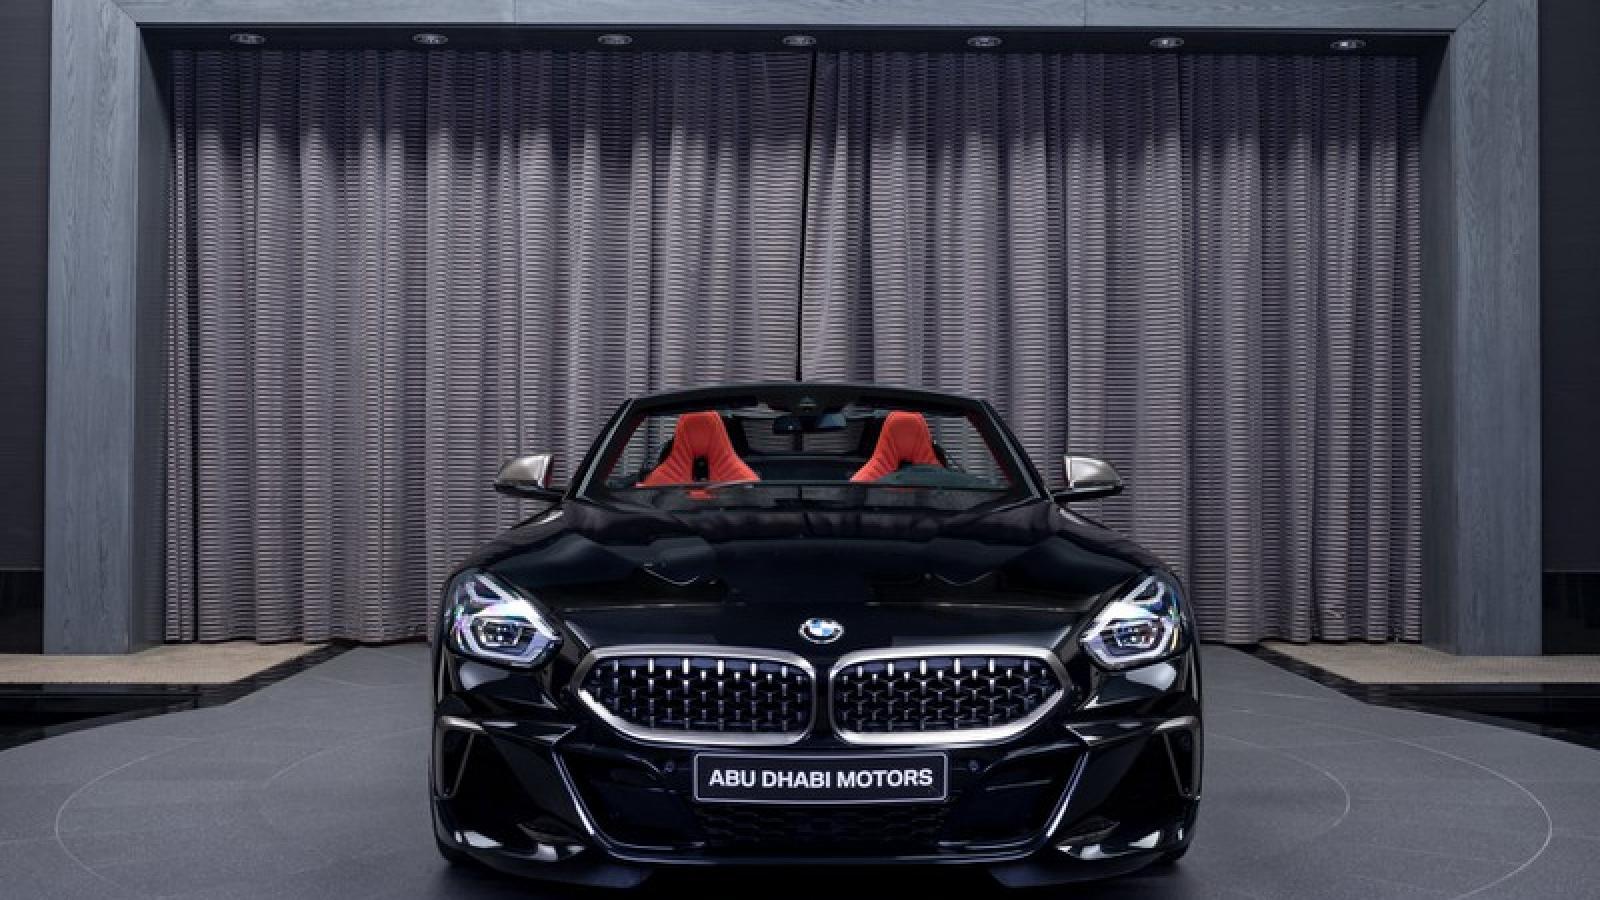 Chiêm ngưỡng xế sang BMW Z4 M40i